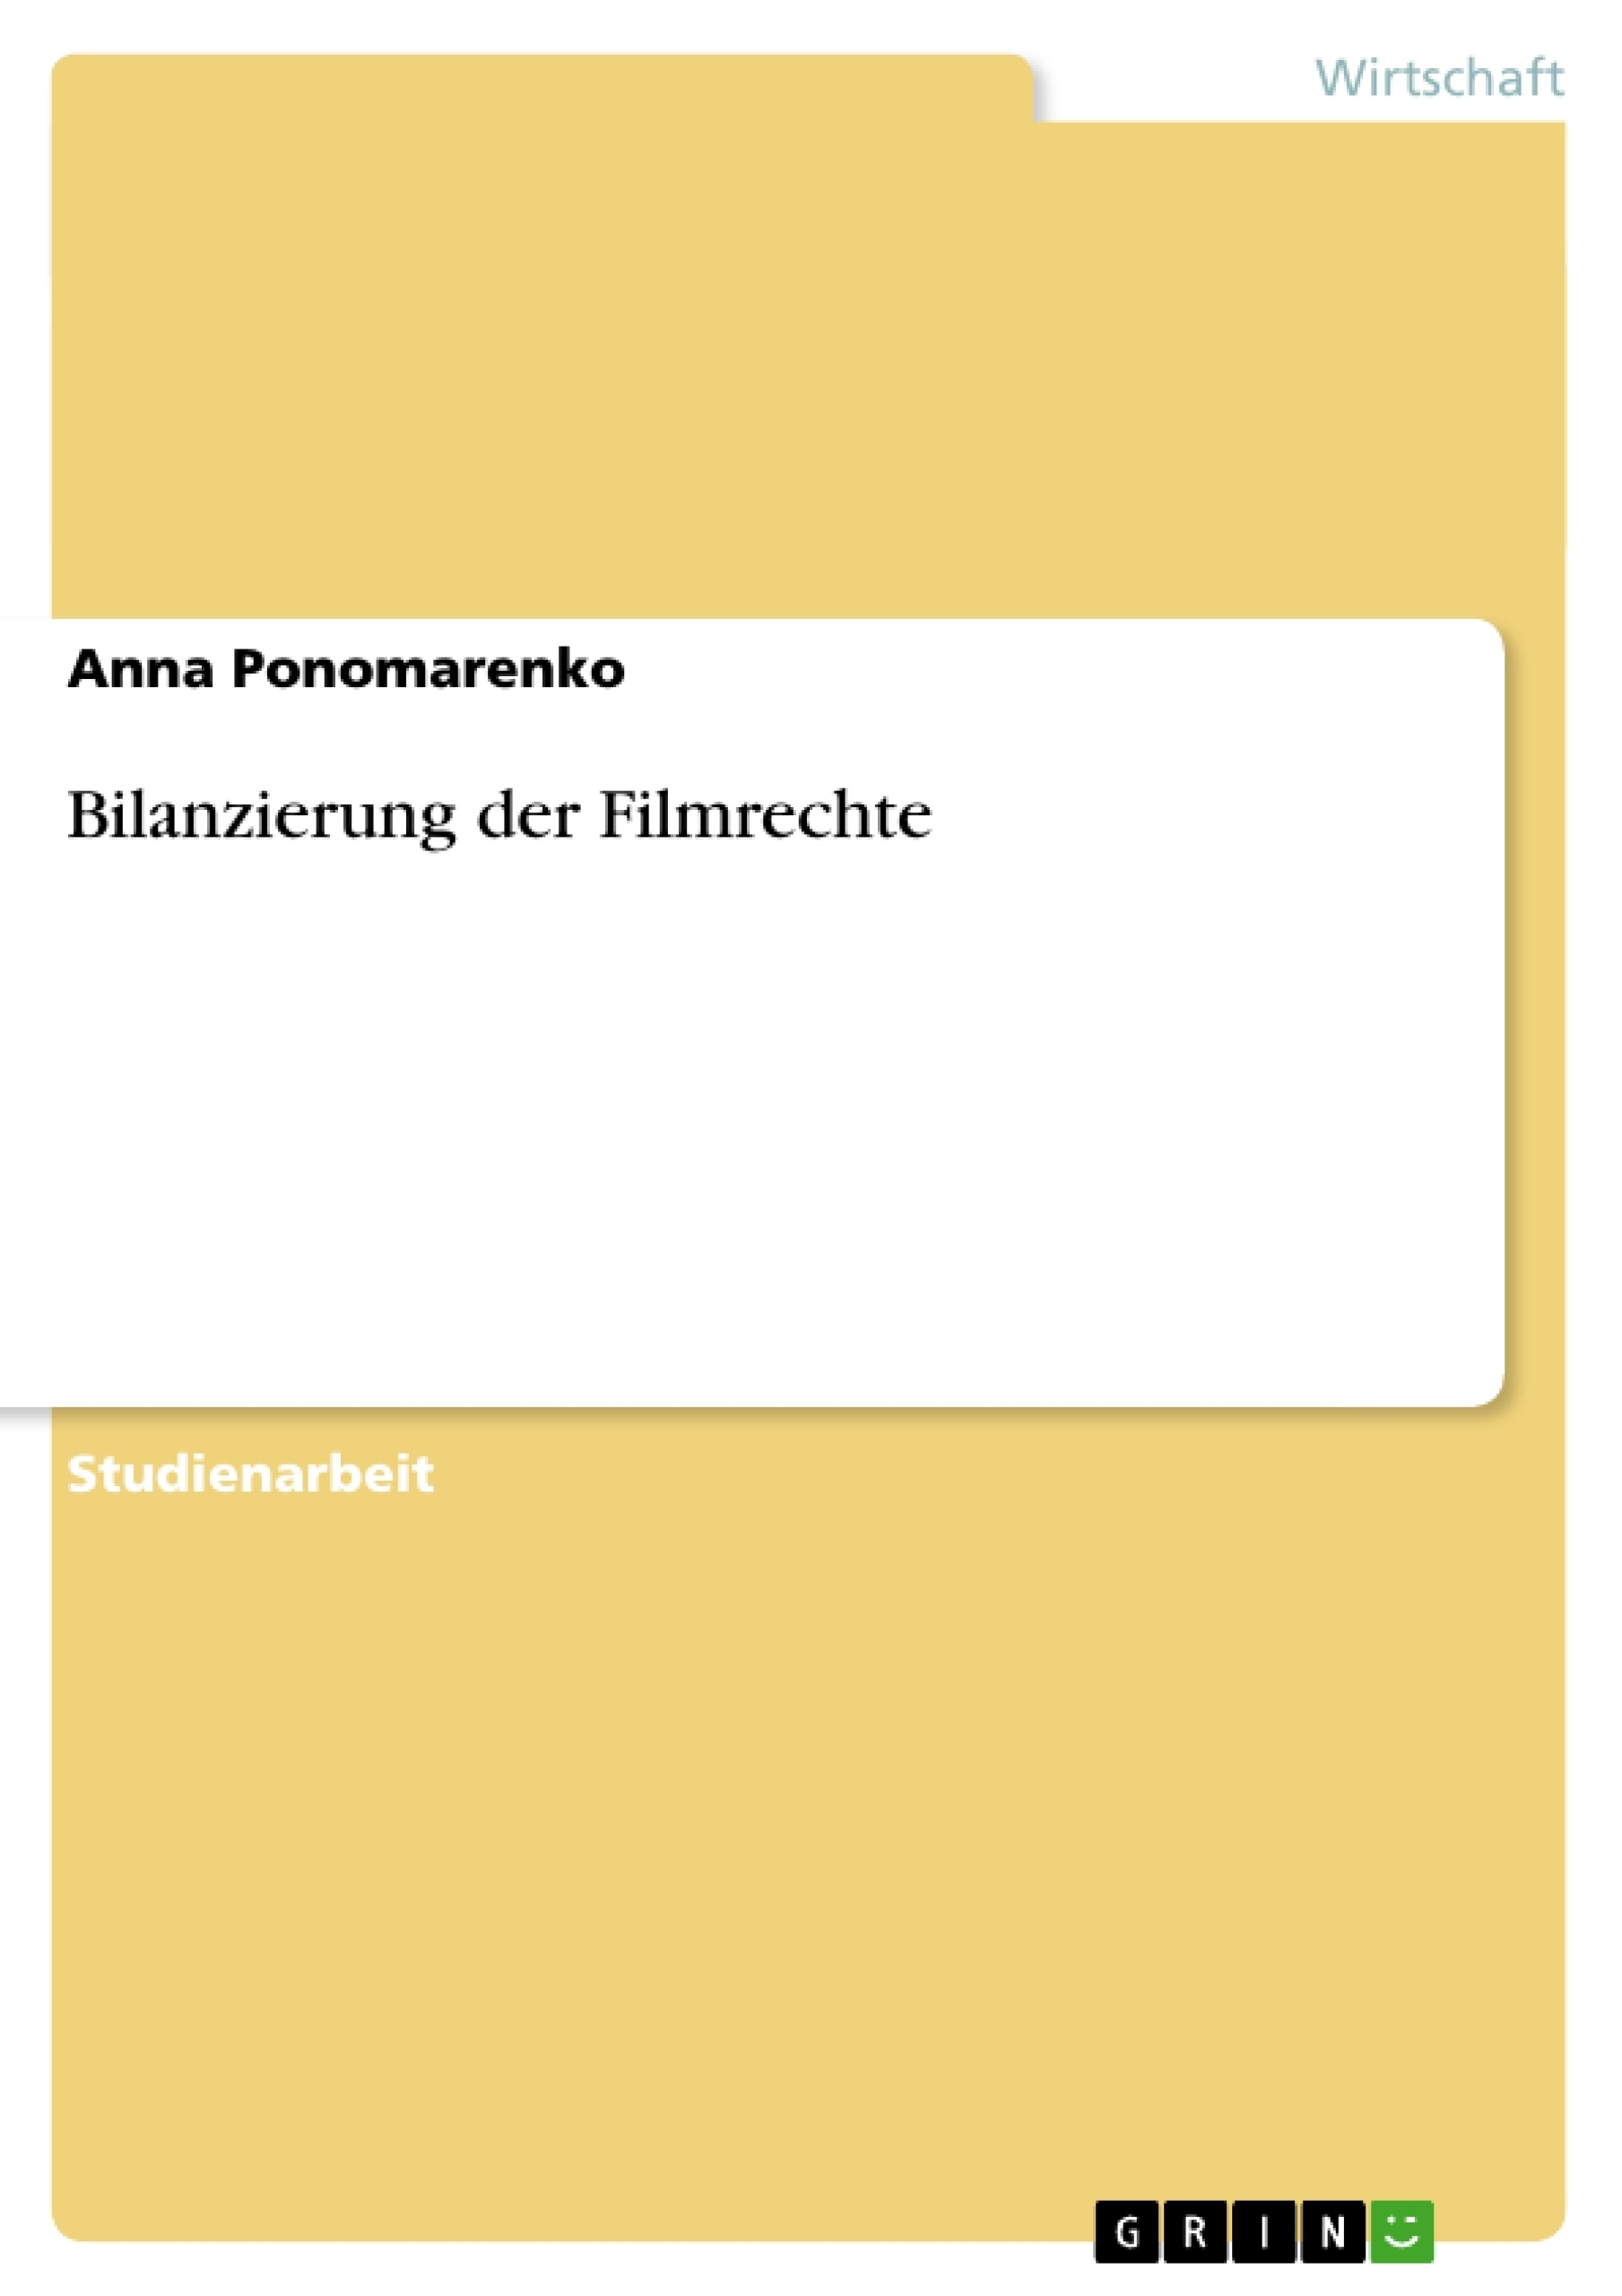 Titel: Bilanzierung der Filmrechte